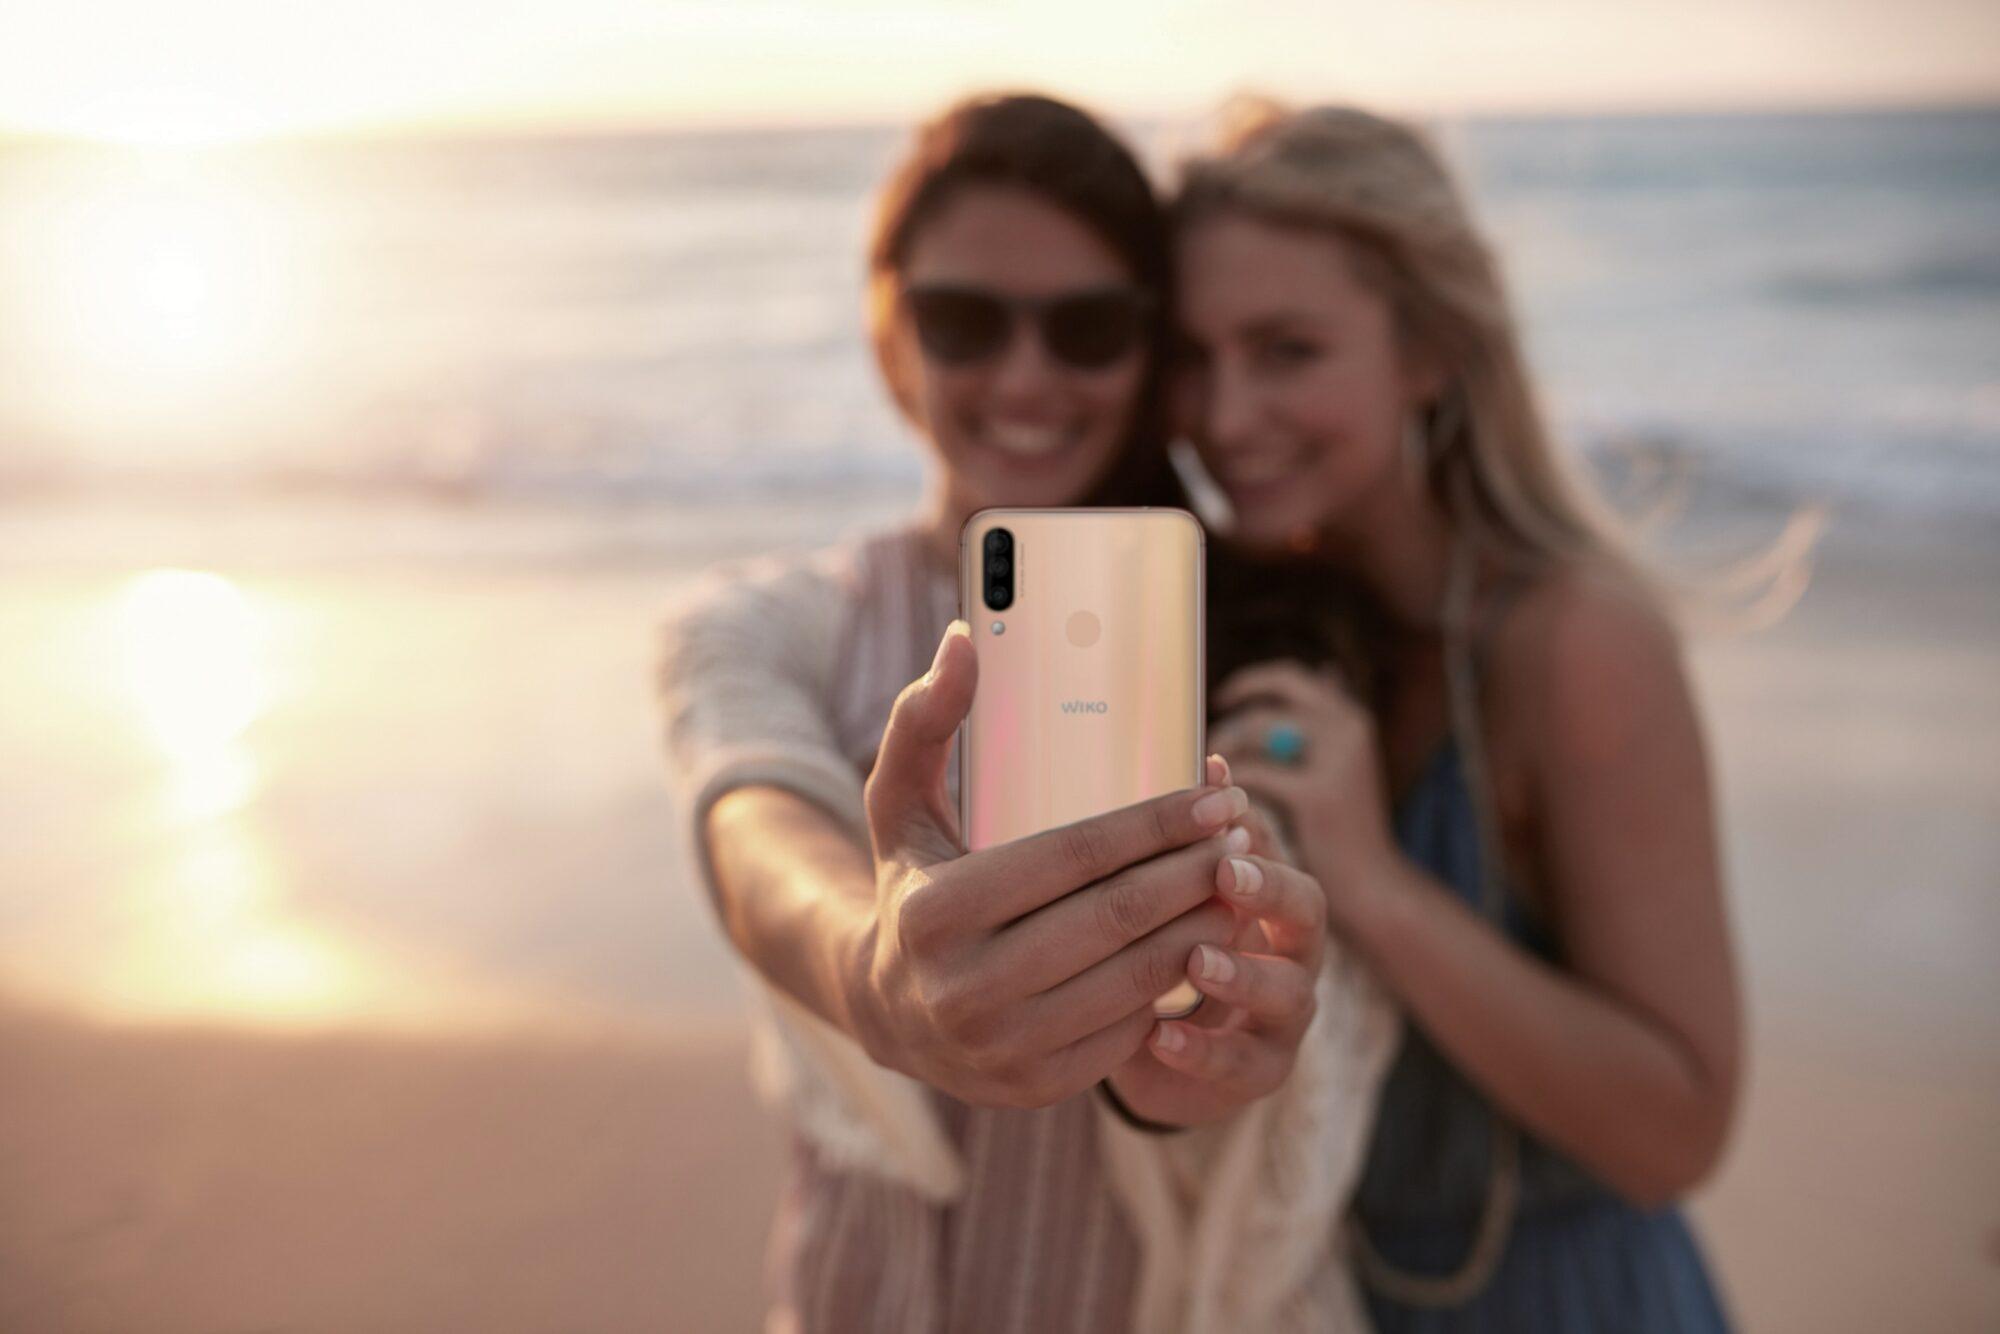 Foto in vacanza: ecco quali evitare di postare sui social network thumbnail